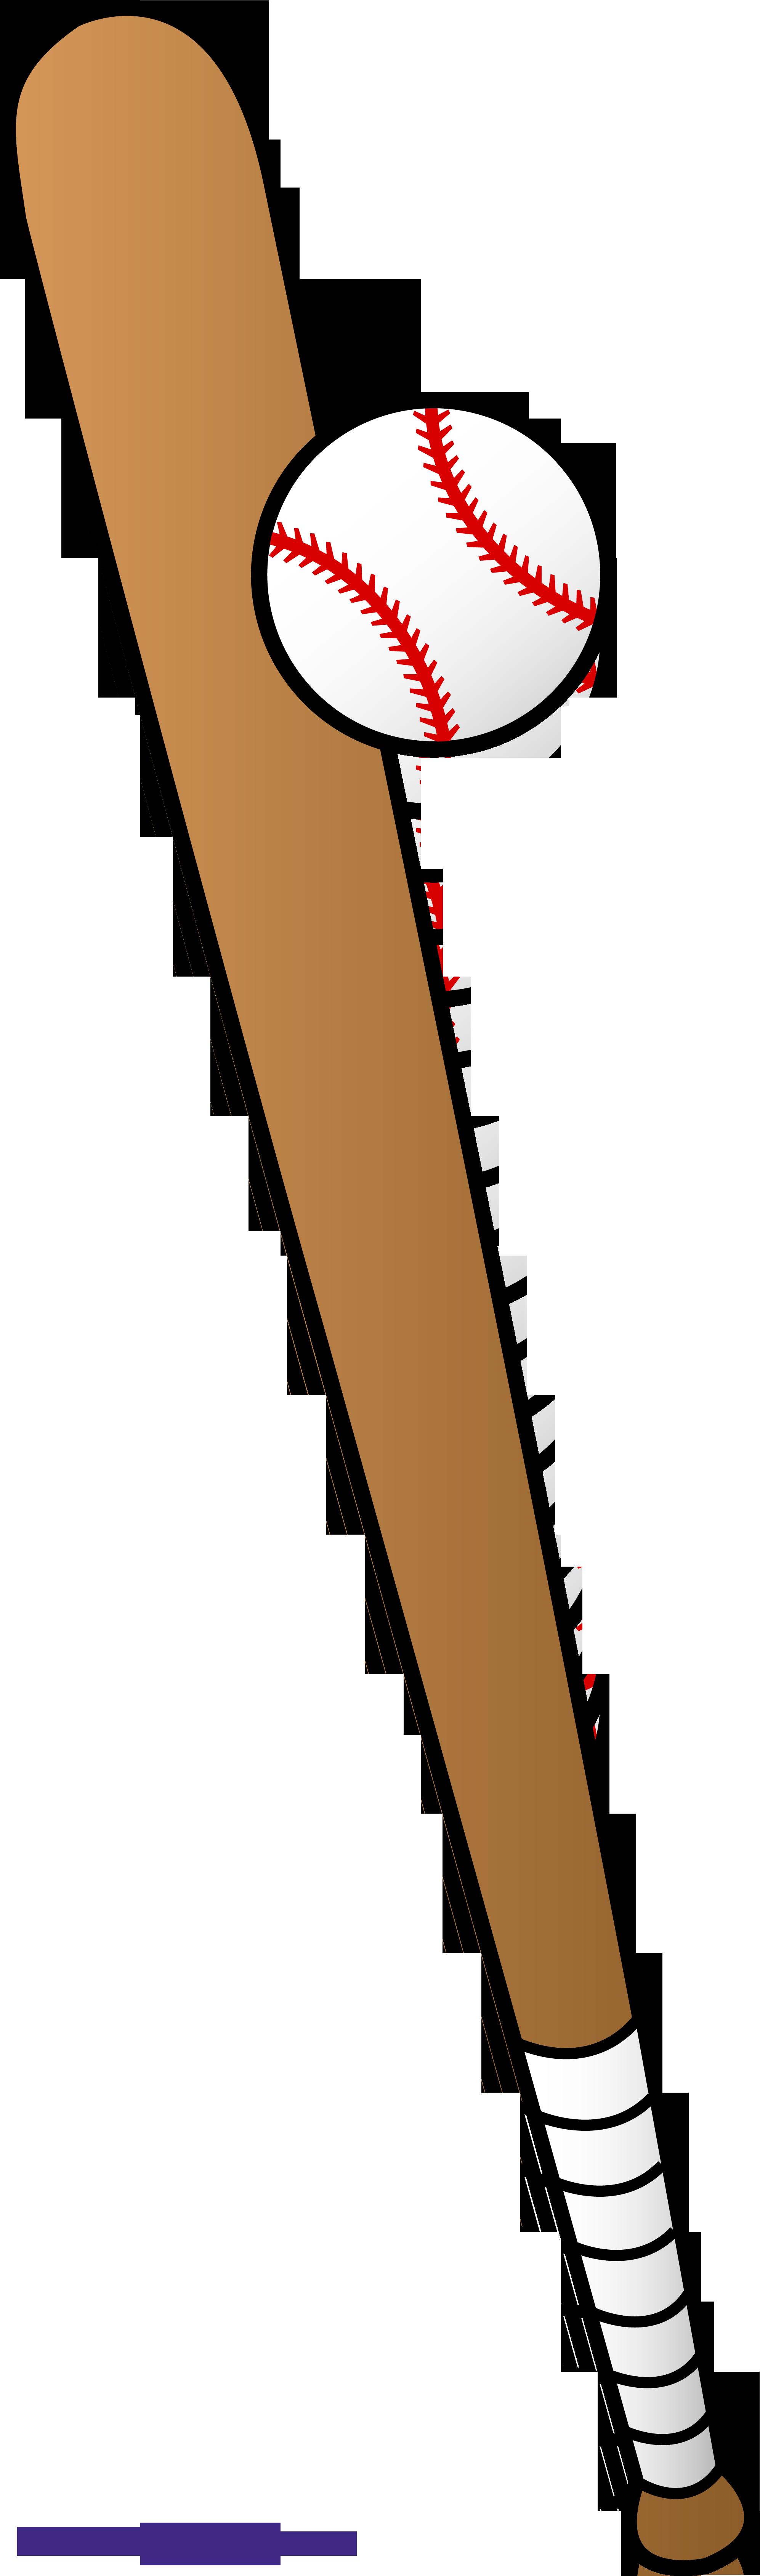 clipart bat bat ball